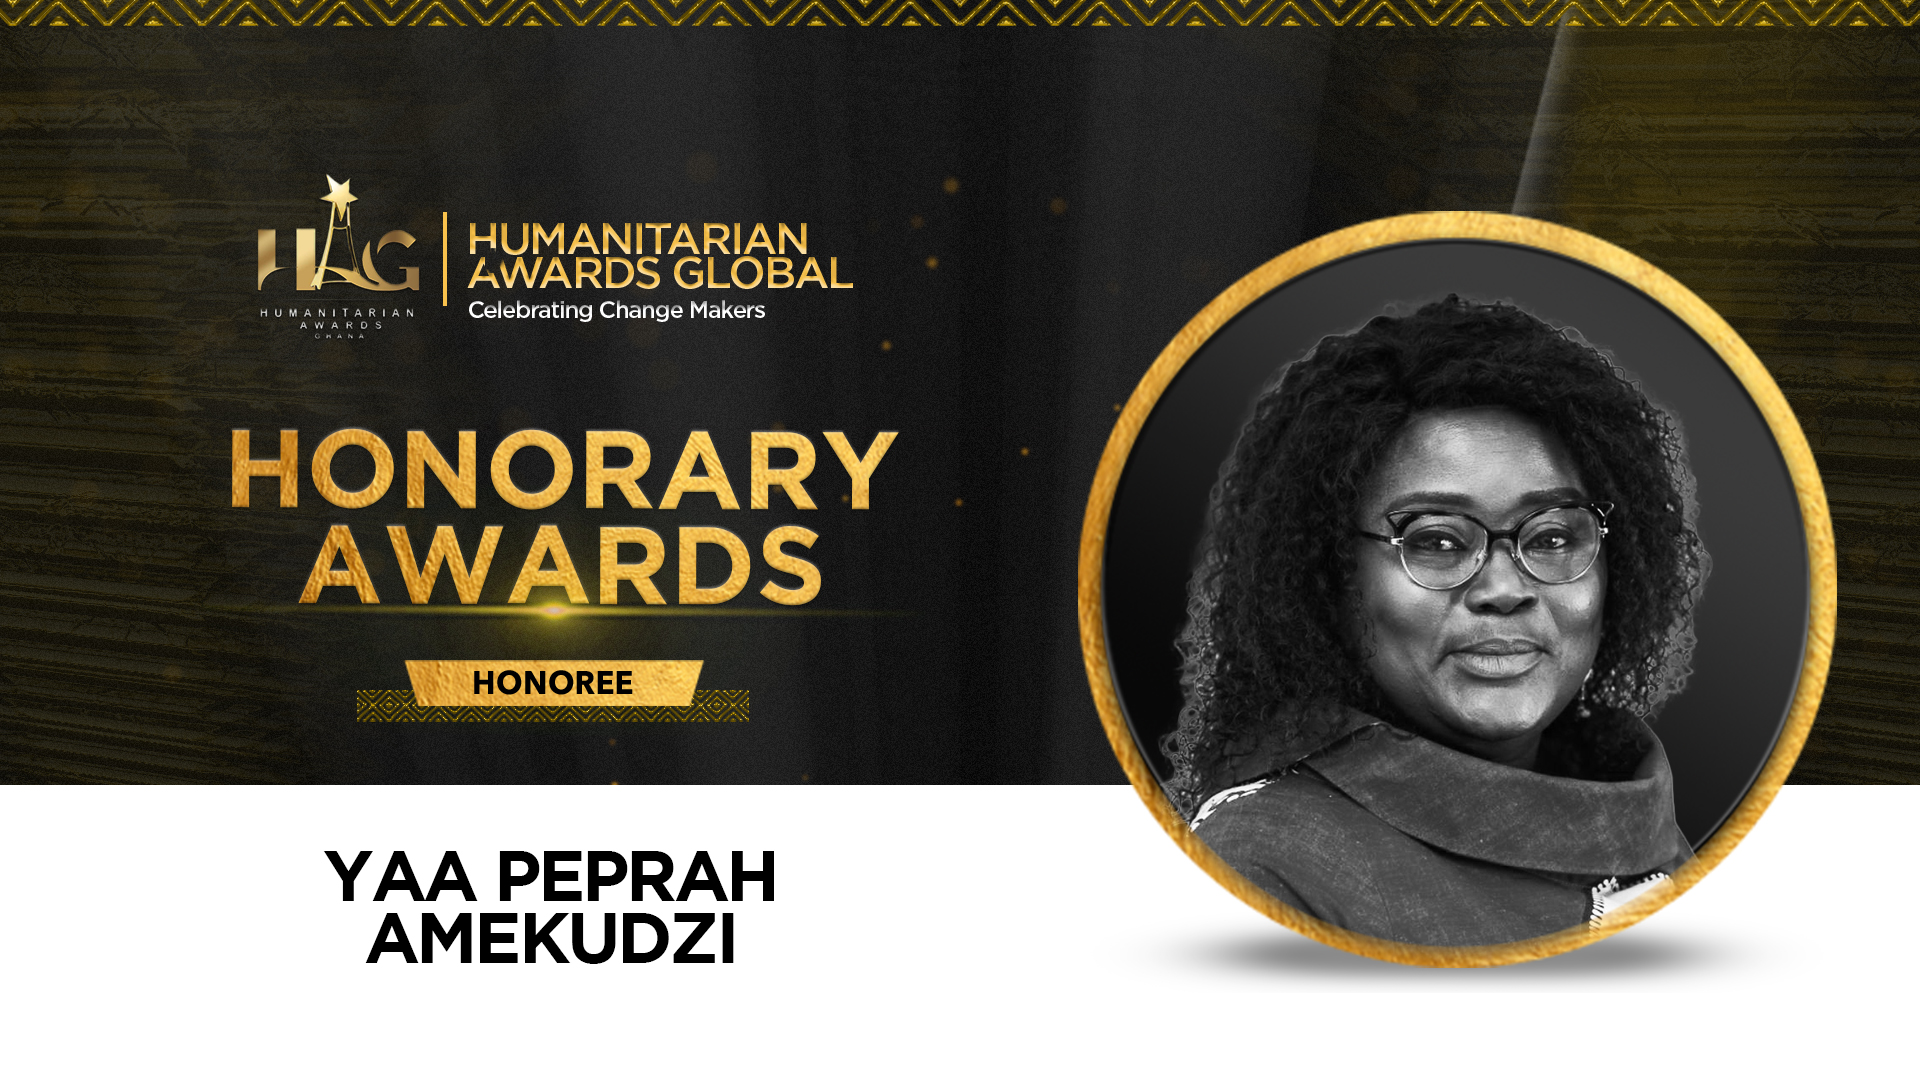 Yaa Peprah Amekudzi To Receive Honorary Award At Humanitarian Awards Global